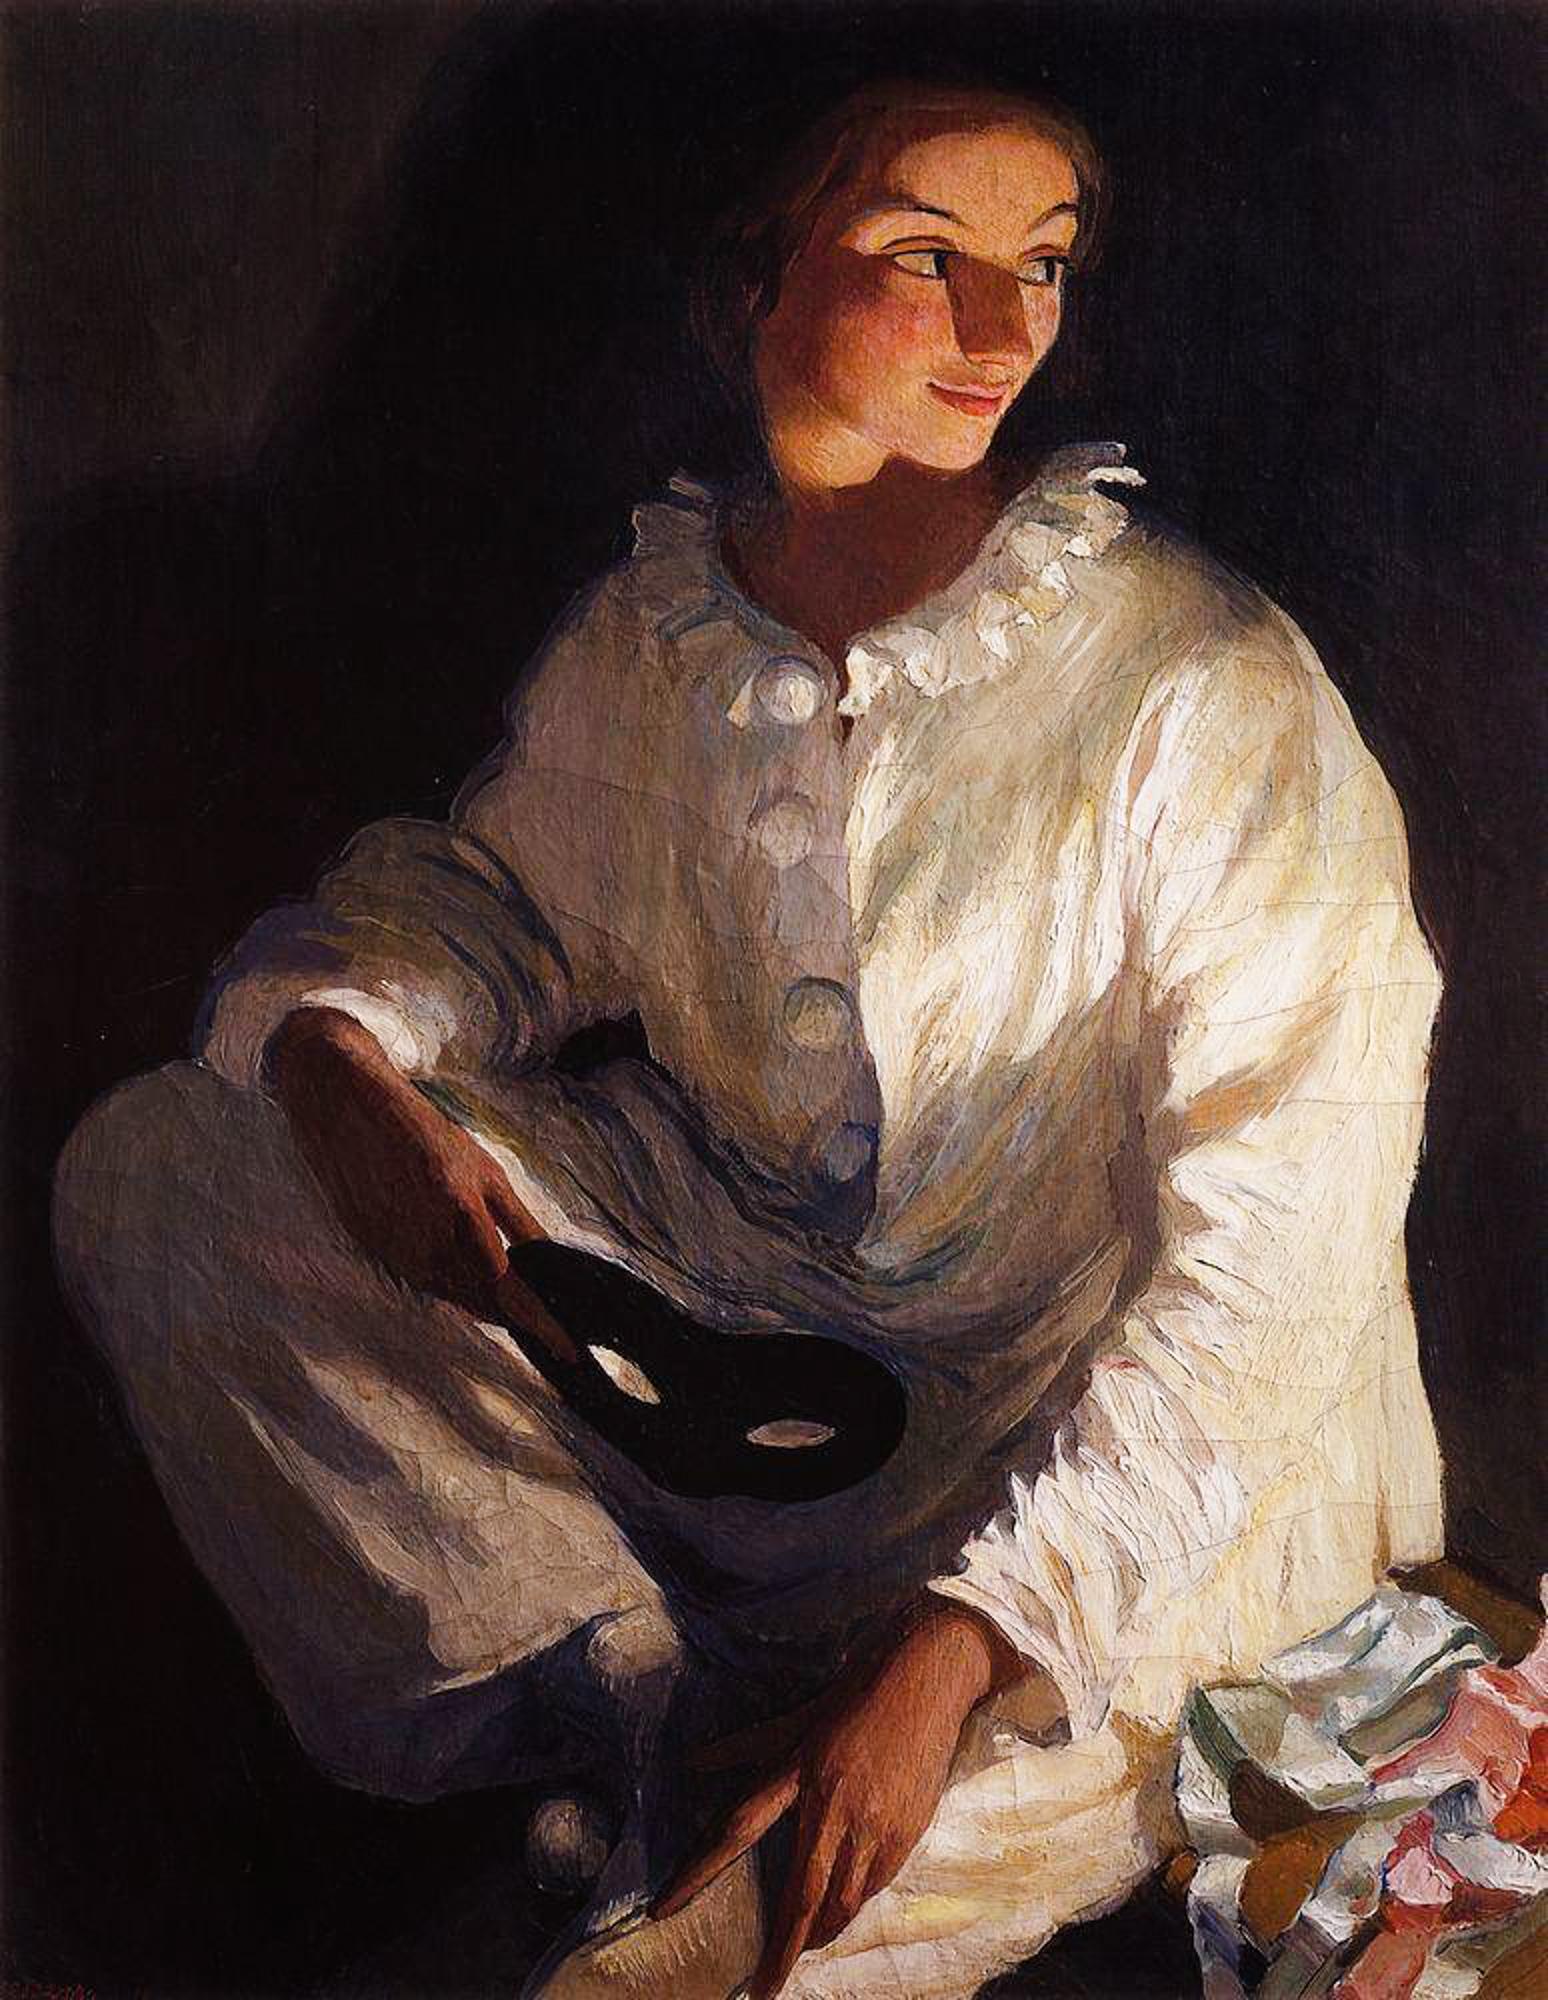 Зинаида Серебрякова - «Автопортрет в костюме Пьеро» (1911)